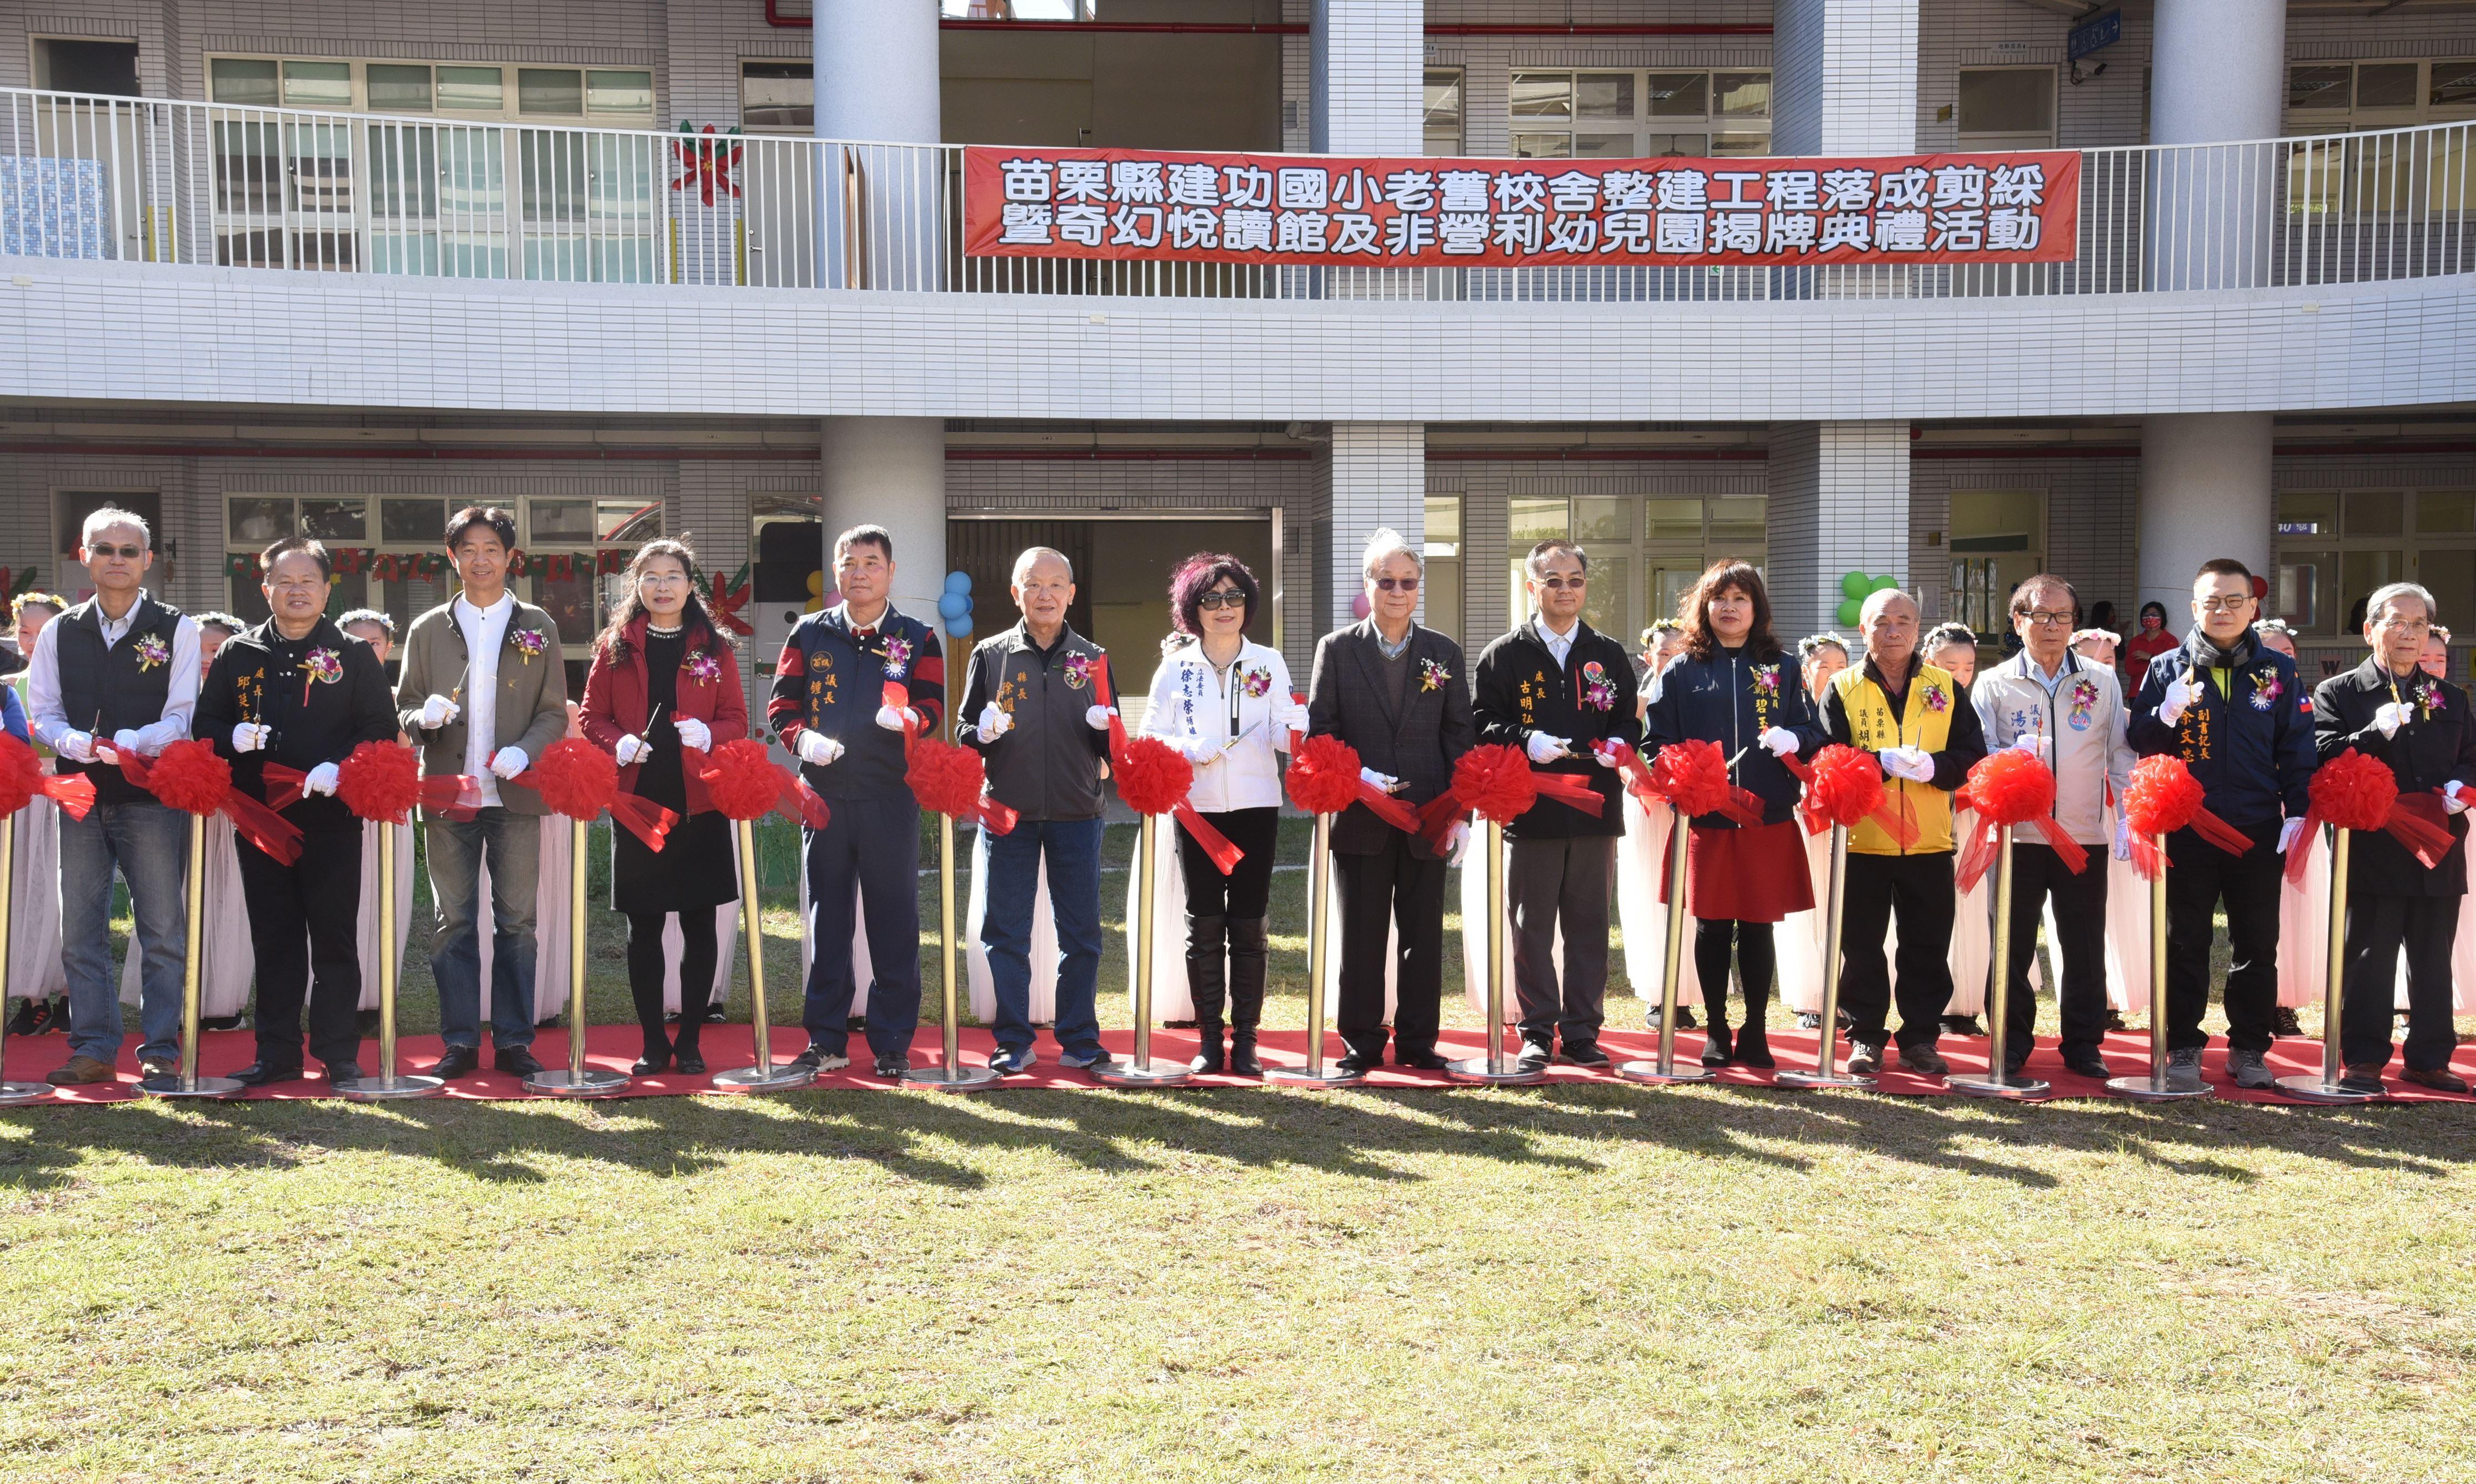 建功國小老舊校舍整建剪綵啟用 非營利幼兒園與悅讀館同步揭牌